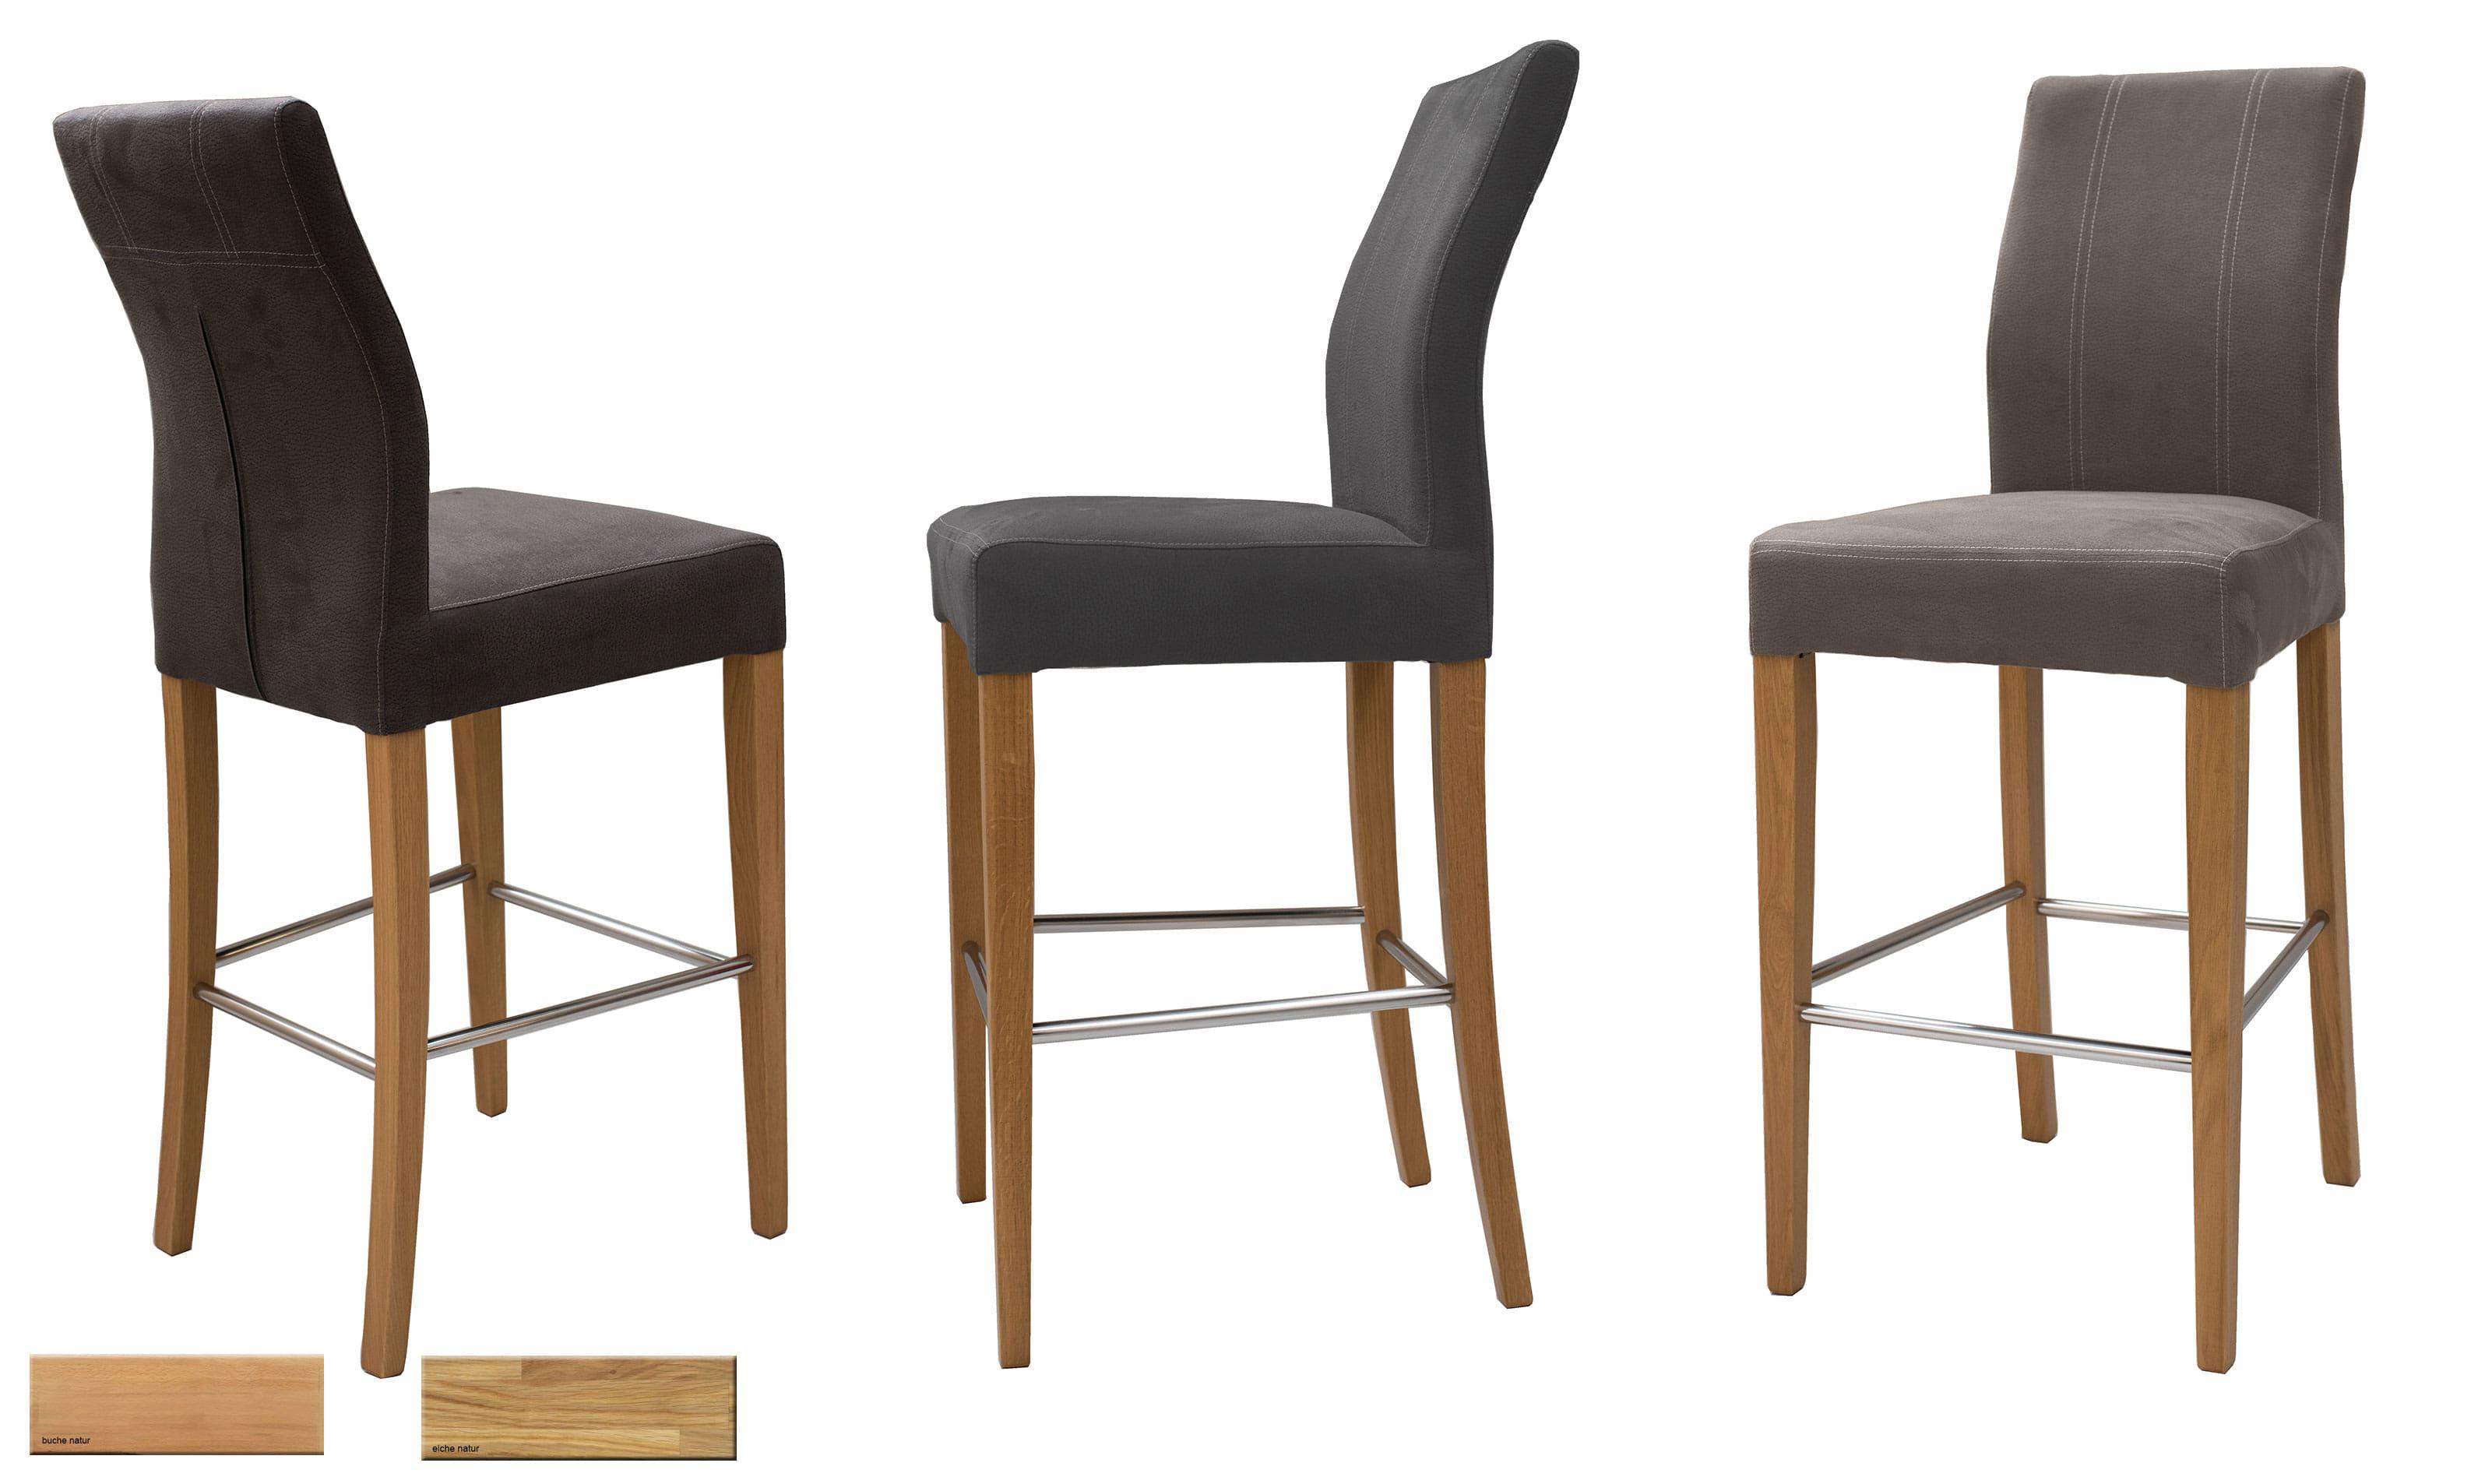 Standard Furniture Taki Tresenstuhl eiche mit Microfaser Bezug